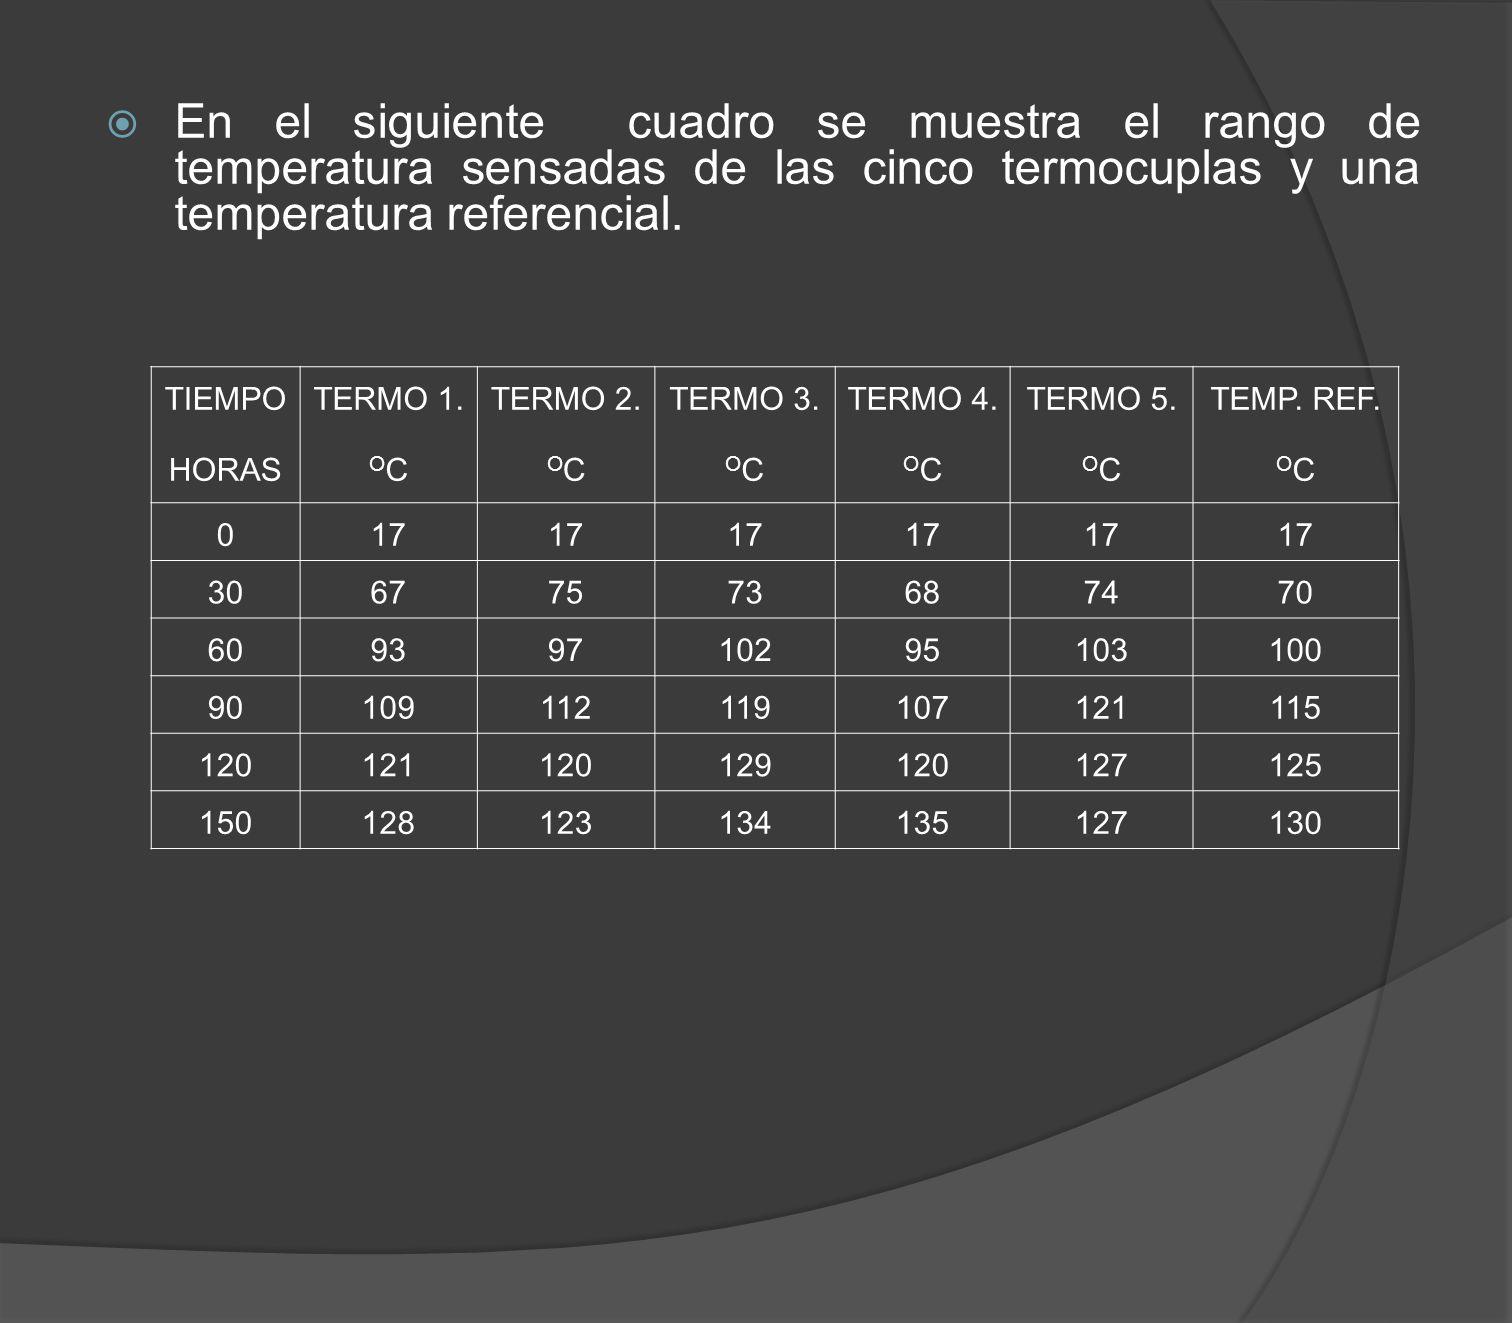 En el siguiente cuadro se muestra el rango de temperatura sensadas de las cinco termocuplas y una temperatura referencial. TIEMPO HORAS TERMO 1. O C T